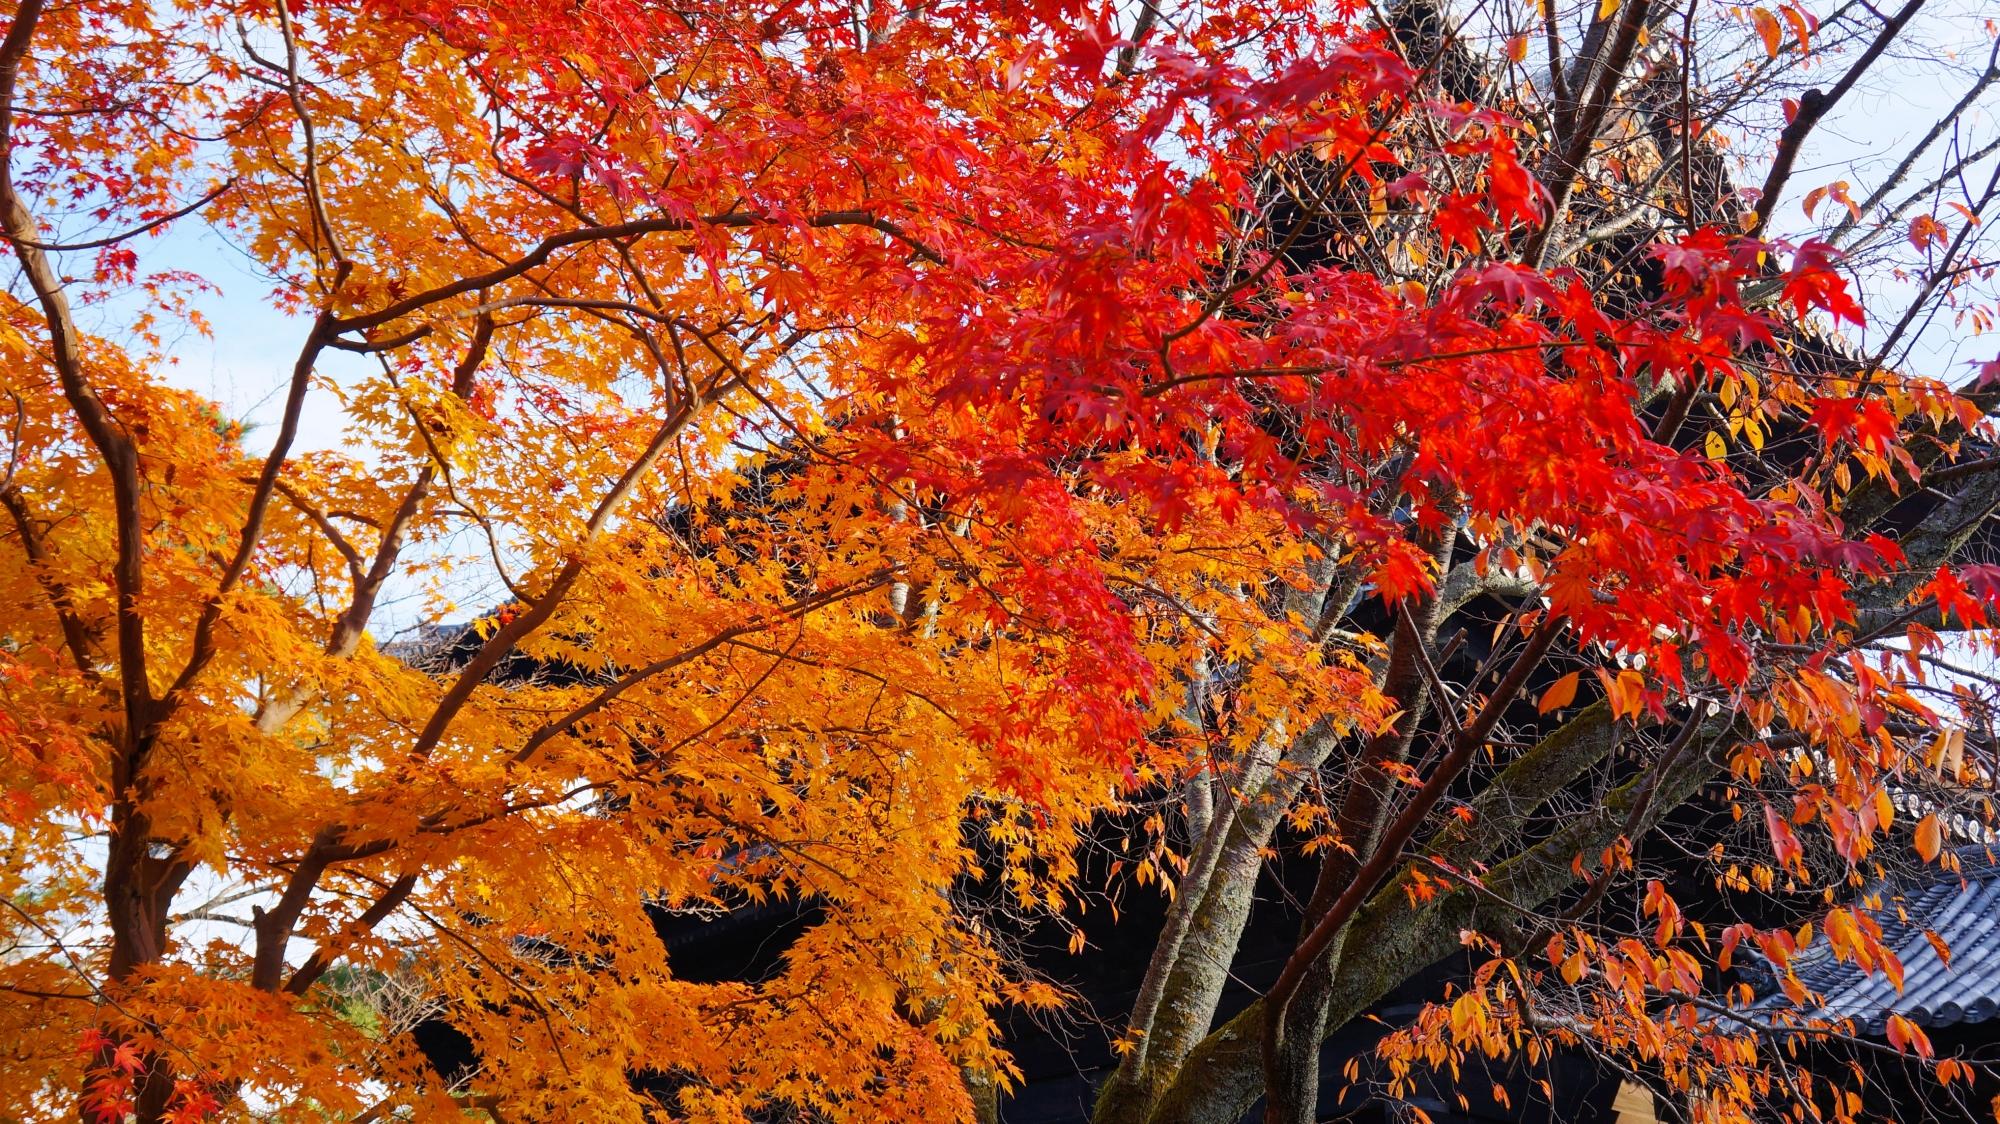 三門の下から眺めた赤やオレンジの紅葉